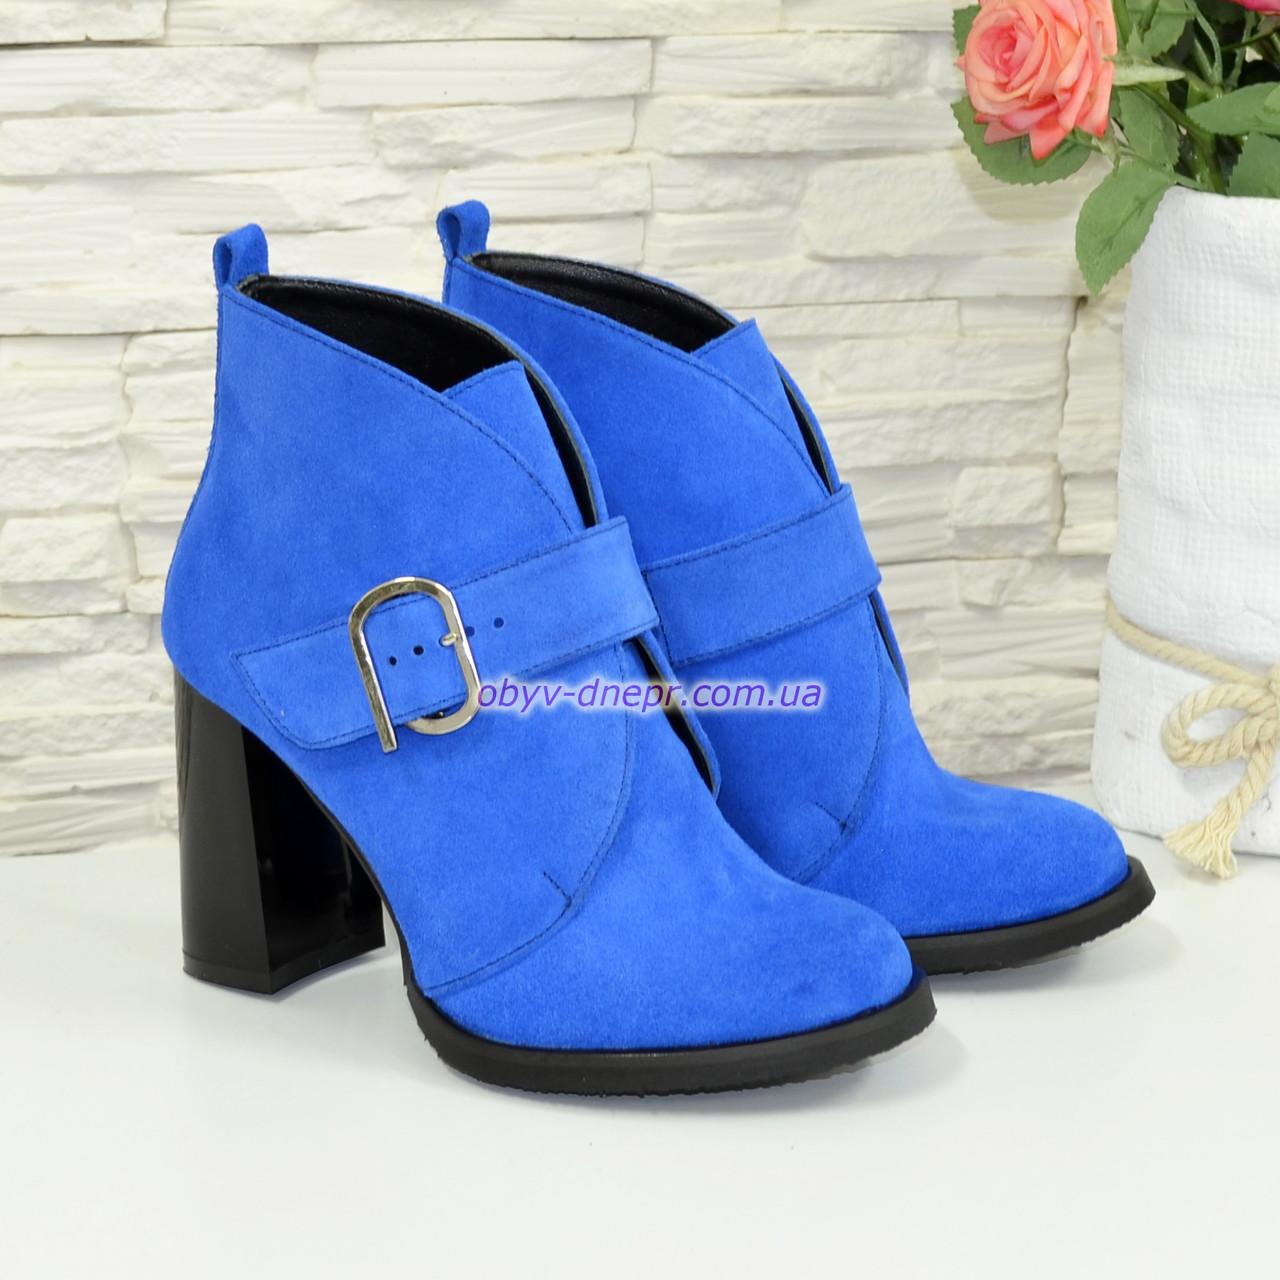 Ботинки замшевые демисезонные женские на устойчивом каблуке, цвет электрик